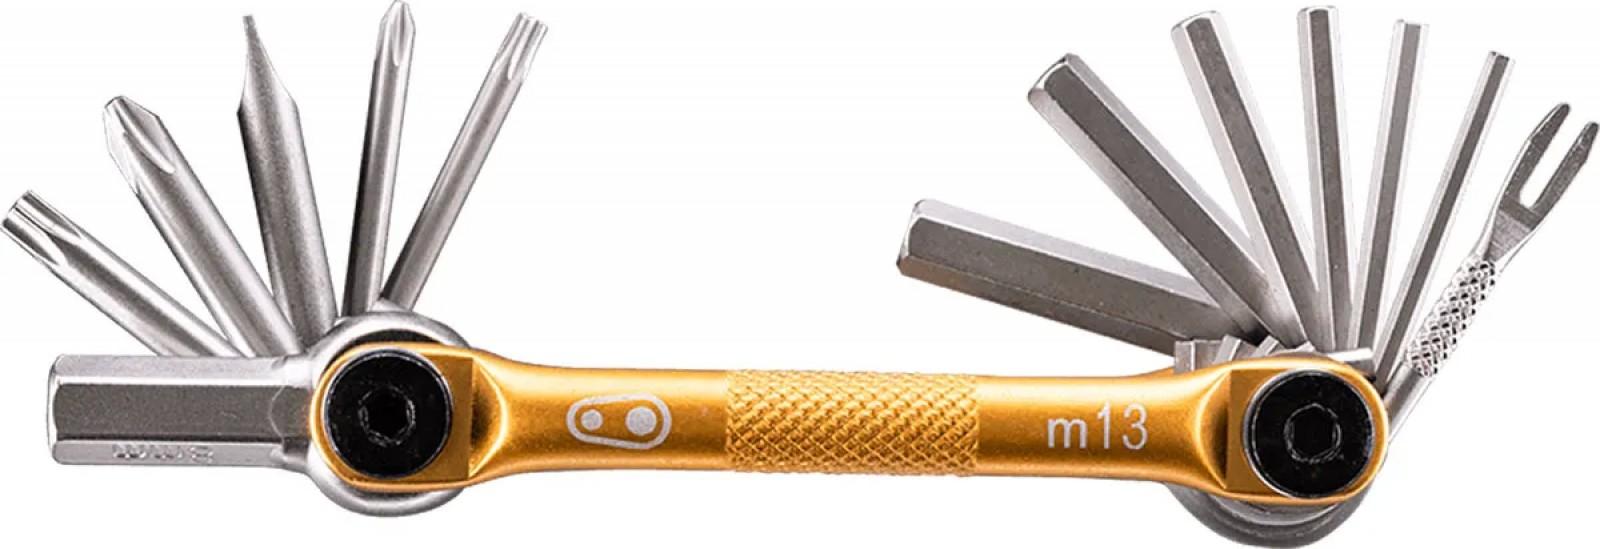 multiherramienta-crankbrothers-M13-M20/